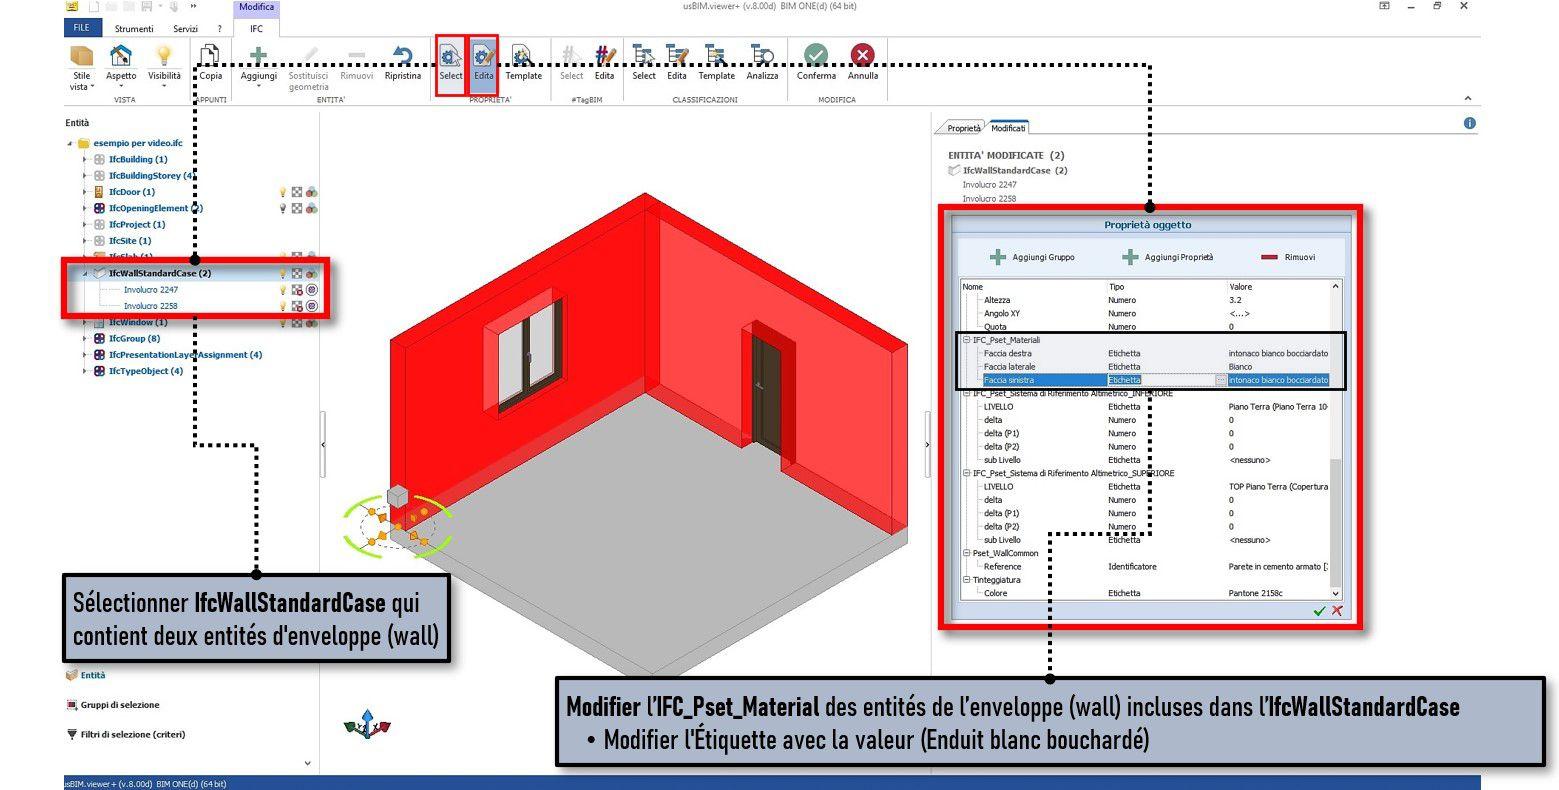 La capture d'écran du logiciel usBIM.viewer illustre IFCPropertyDefinition et comment modifier les propriétés des entités d'enveloppe incluses dans l'IfcWallStandardCase